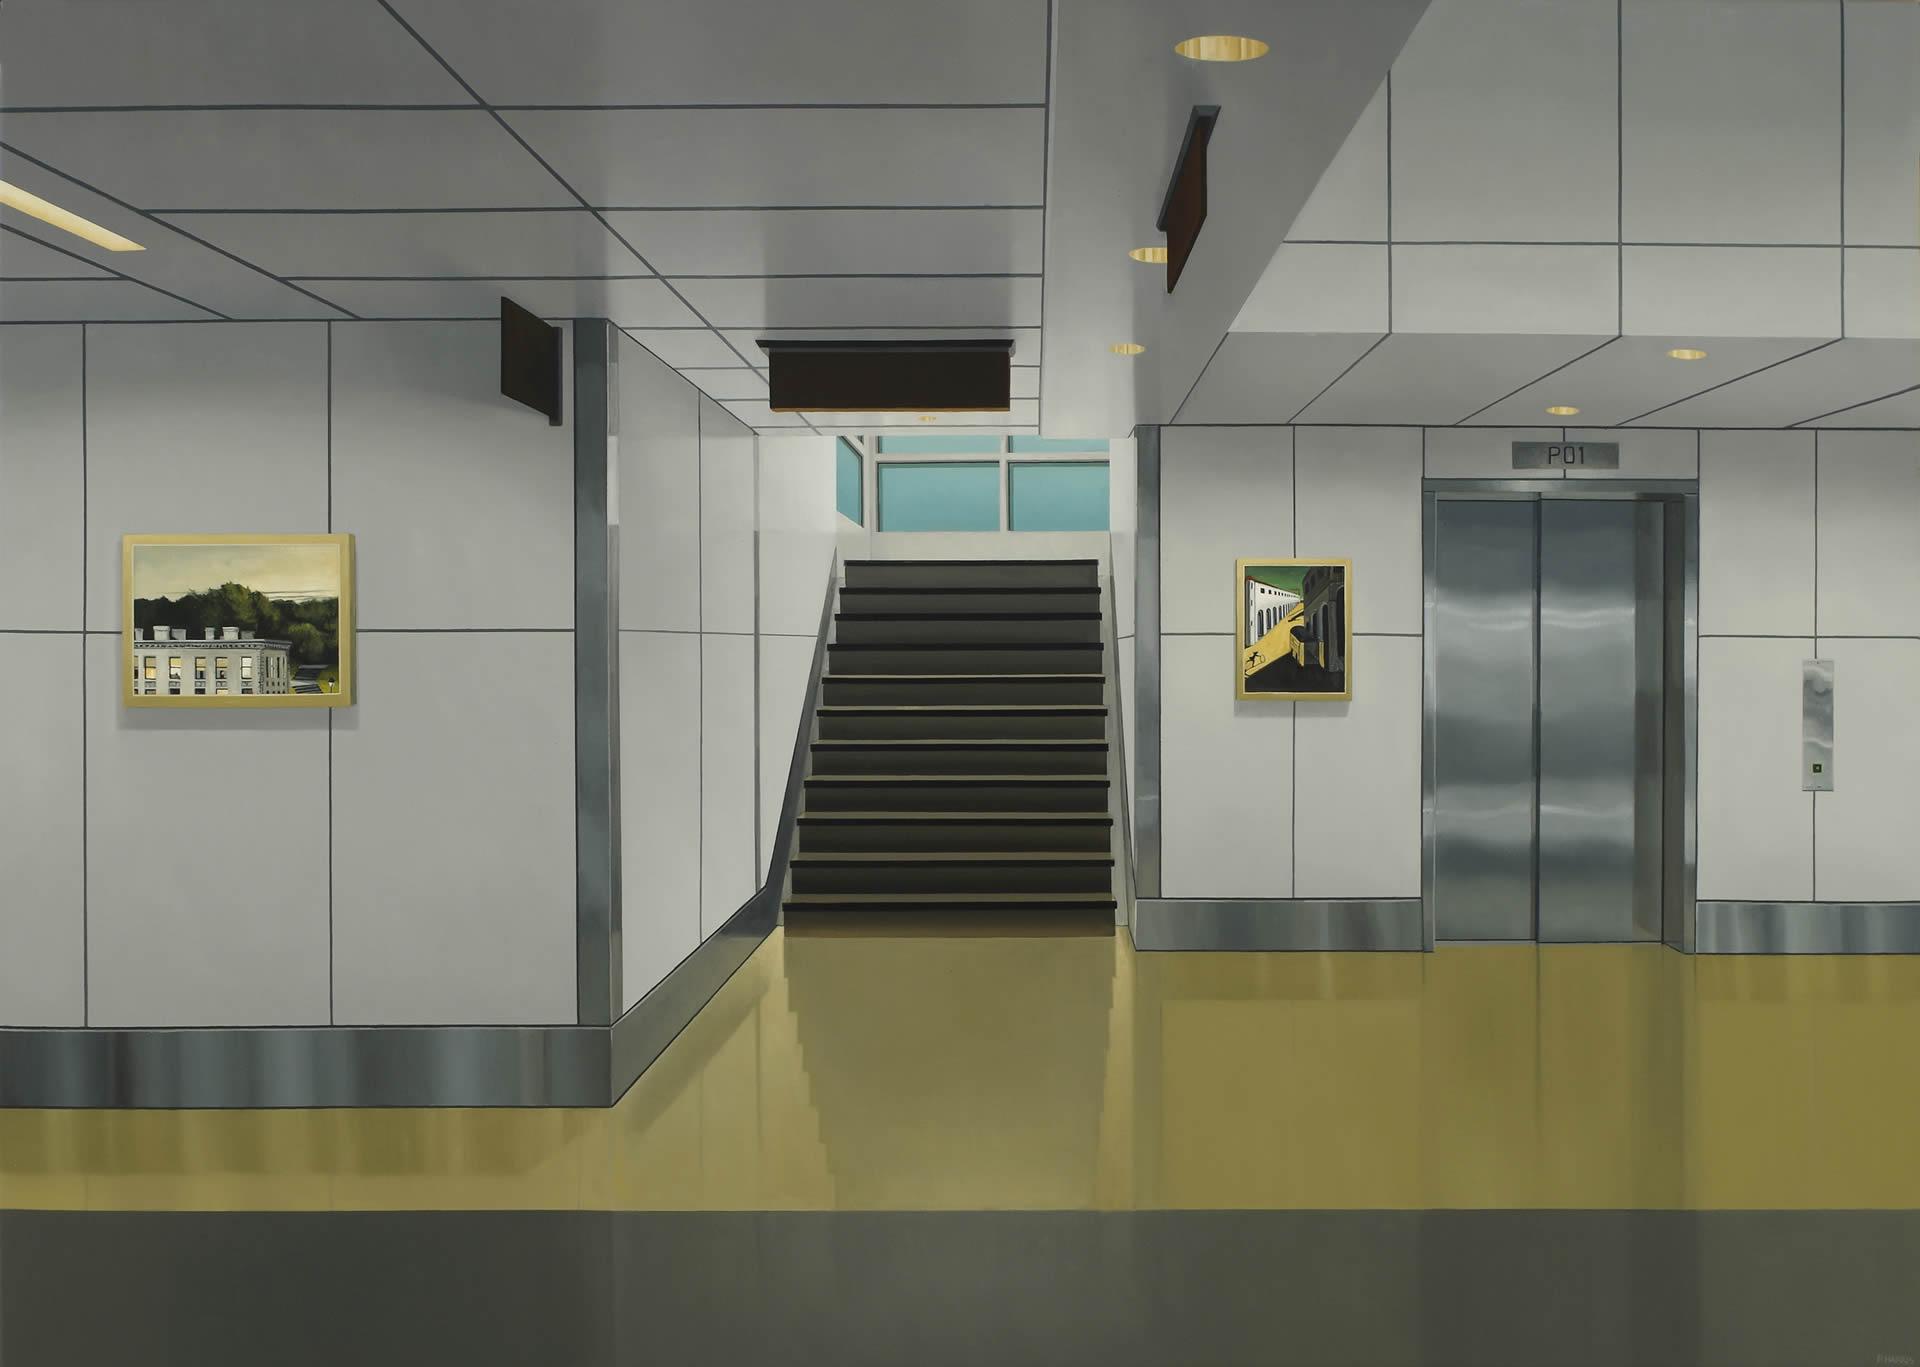 Peter-Harris-A-Lower-Level-34-x-48-Online-Art-Galleries